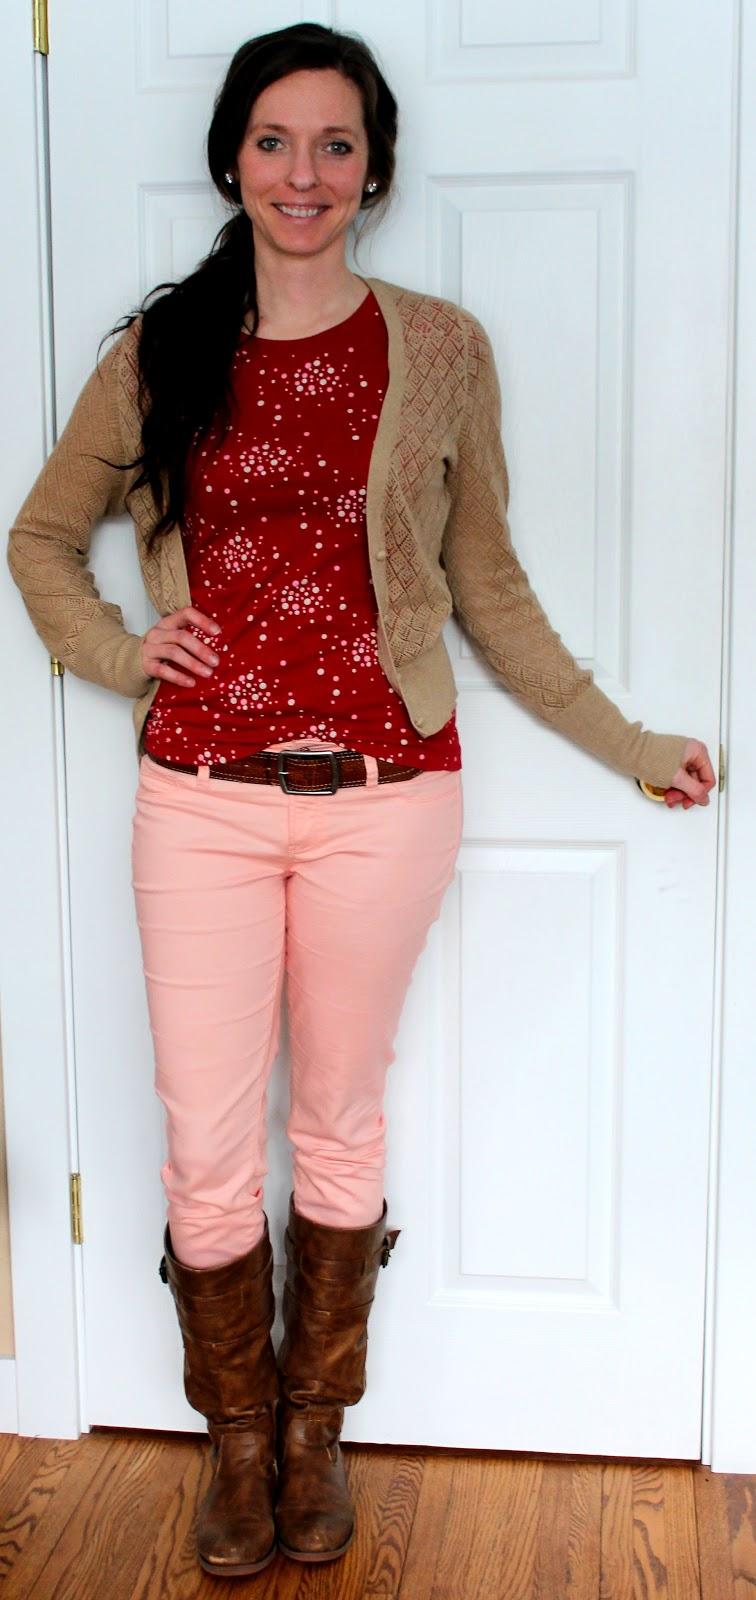 Pants with polka dots 3